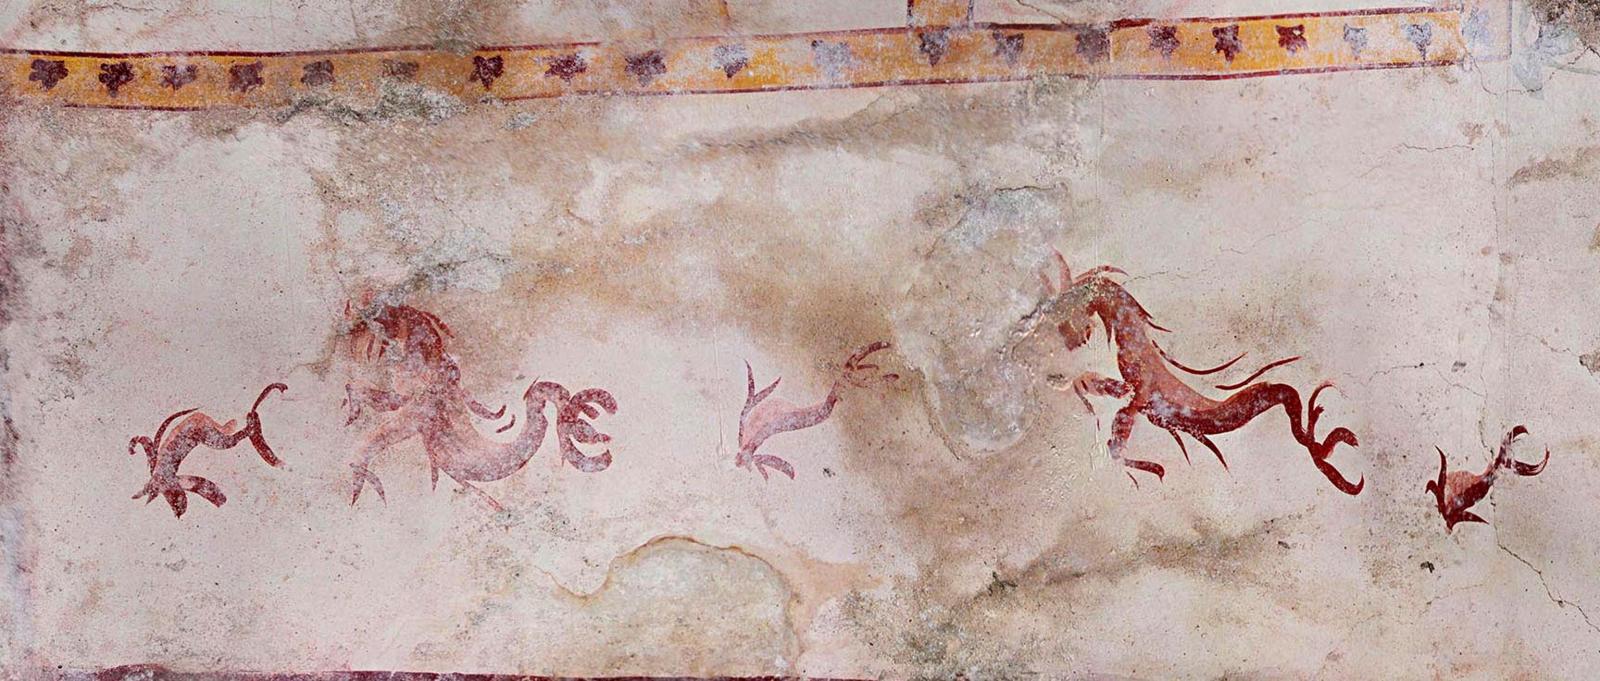 Odsłonięto ozdoby na ścianach Koloseum sprzed 2000 lat  EPA/FFICIO STAMPA PARCO ARCHEOLOGICO DEL COLOSSEO